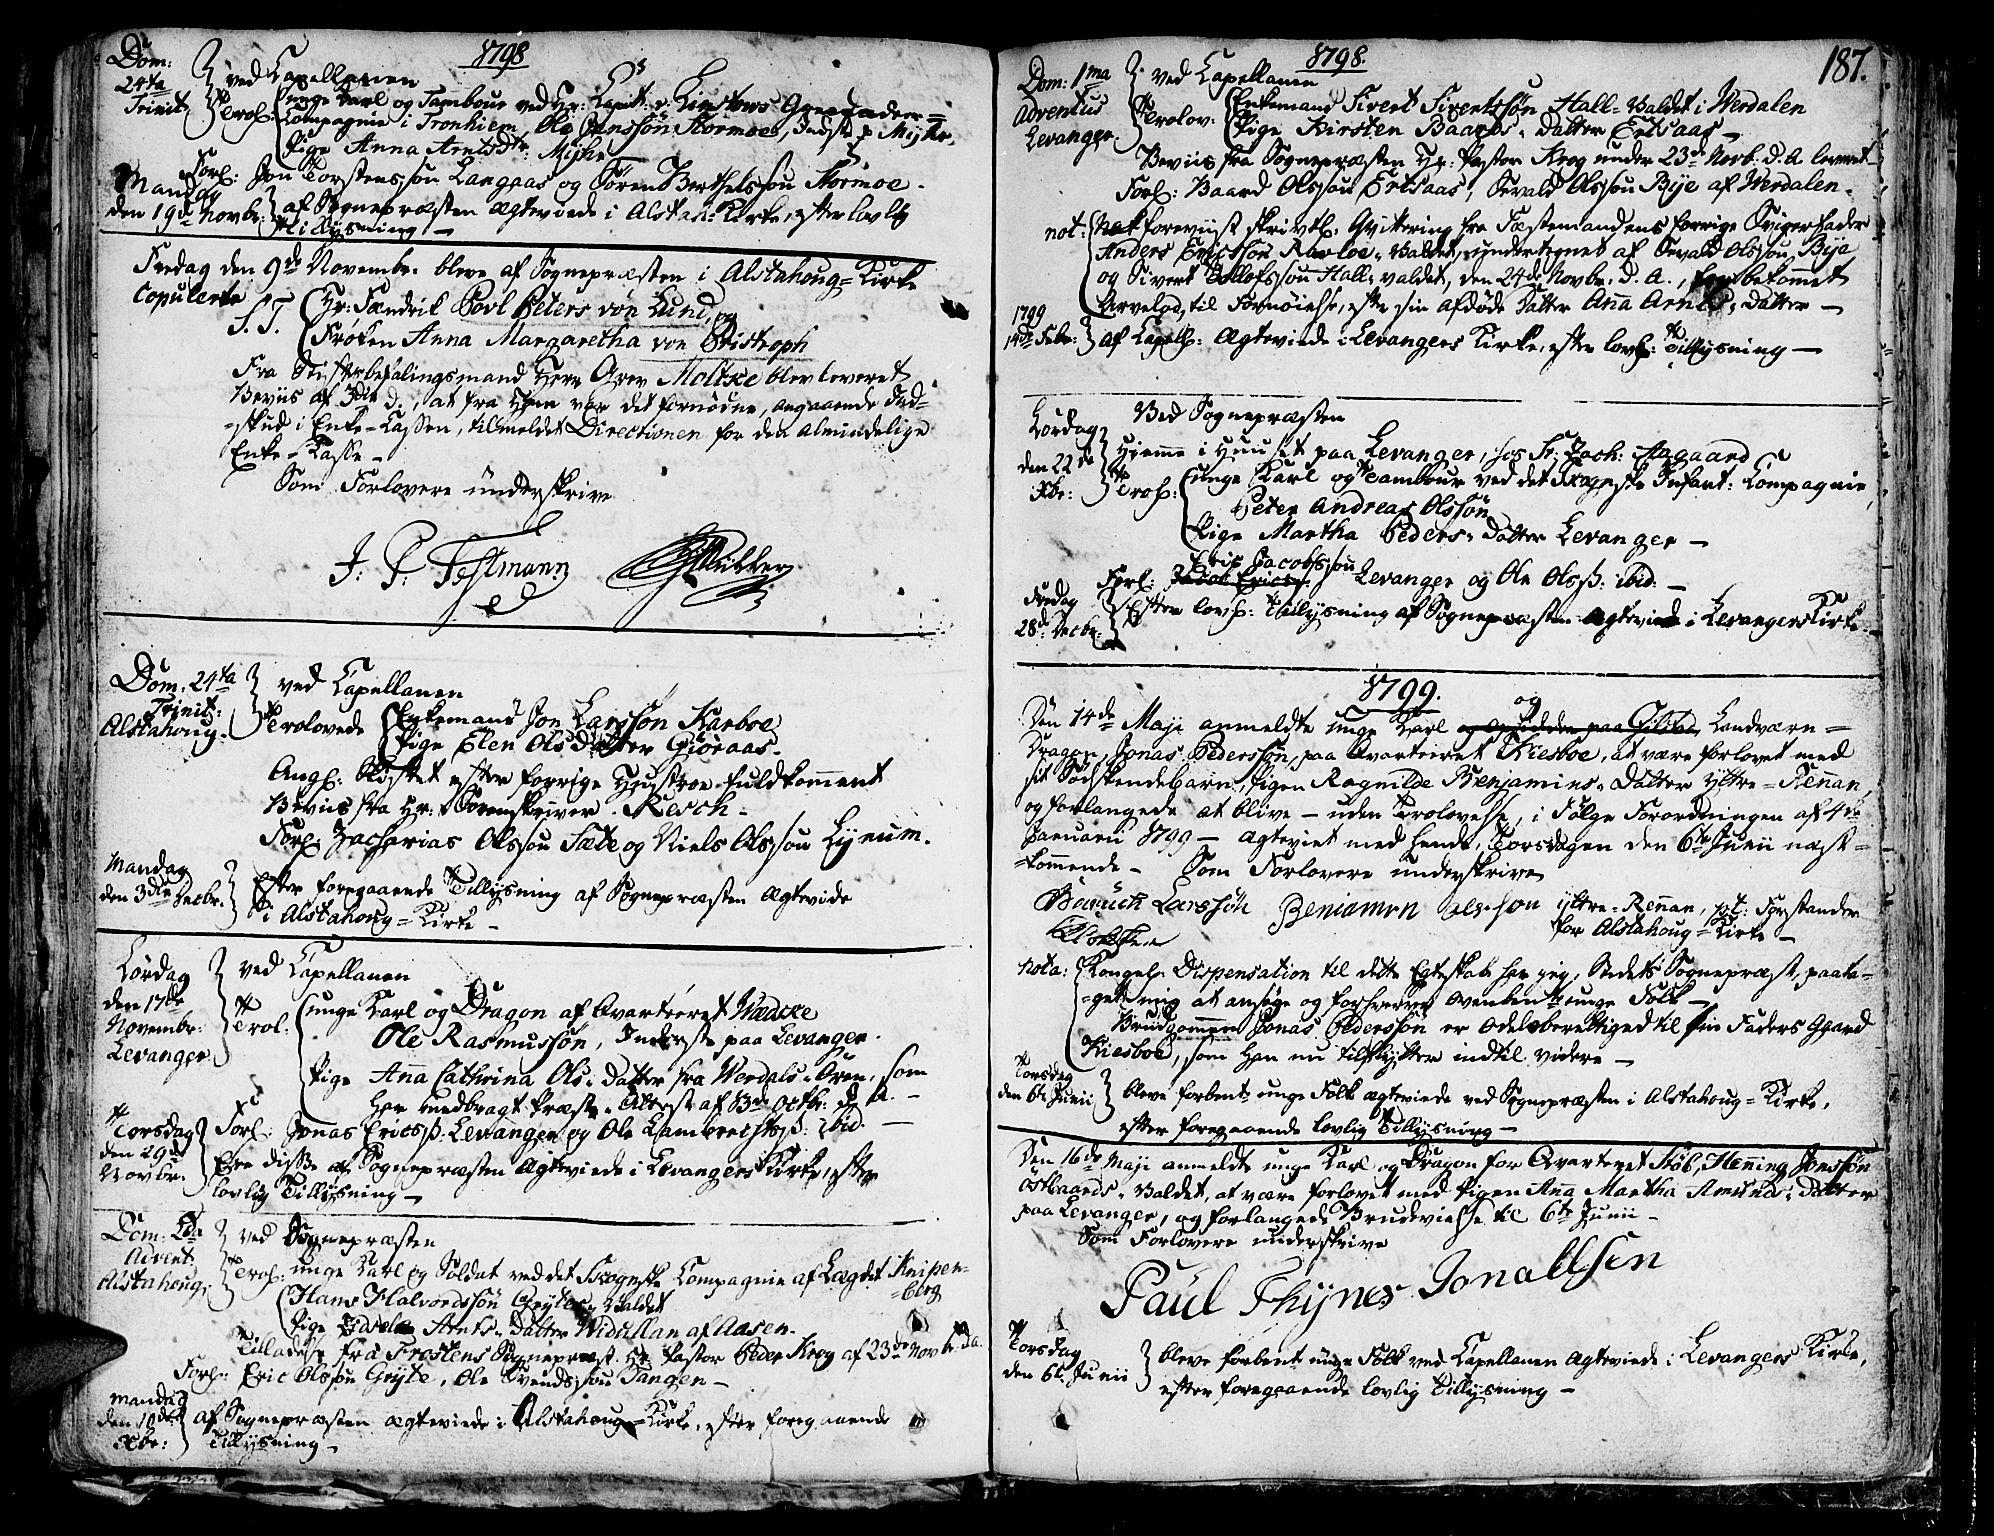 SAT, Ministerialprotokoller, klokkerbøker og fødselsregistre - Nord-Trøndelag, 717/L0142: Ministerialbok nr. 717A02 /1, 1783-1809, s. 187